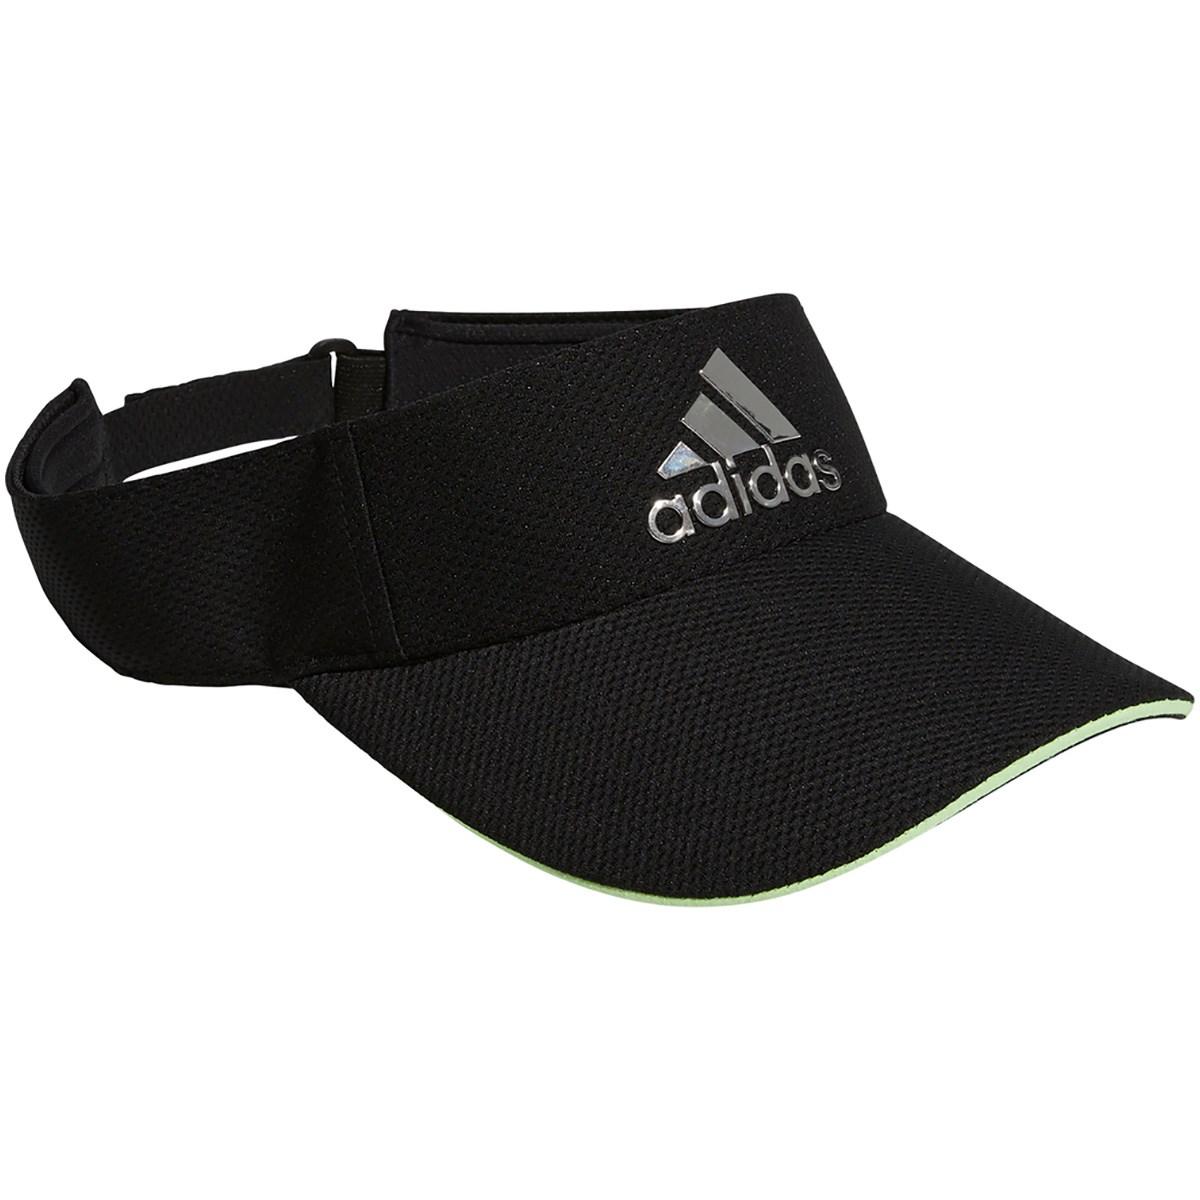 アディダス Adidas メタルロゴサンバイザー フリー ブラック/シルバーメタリック